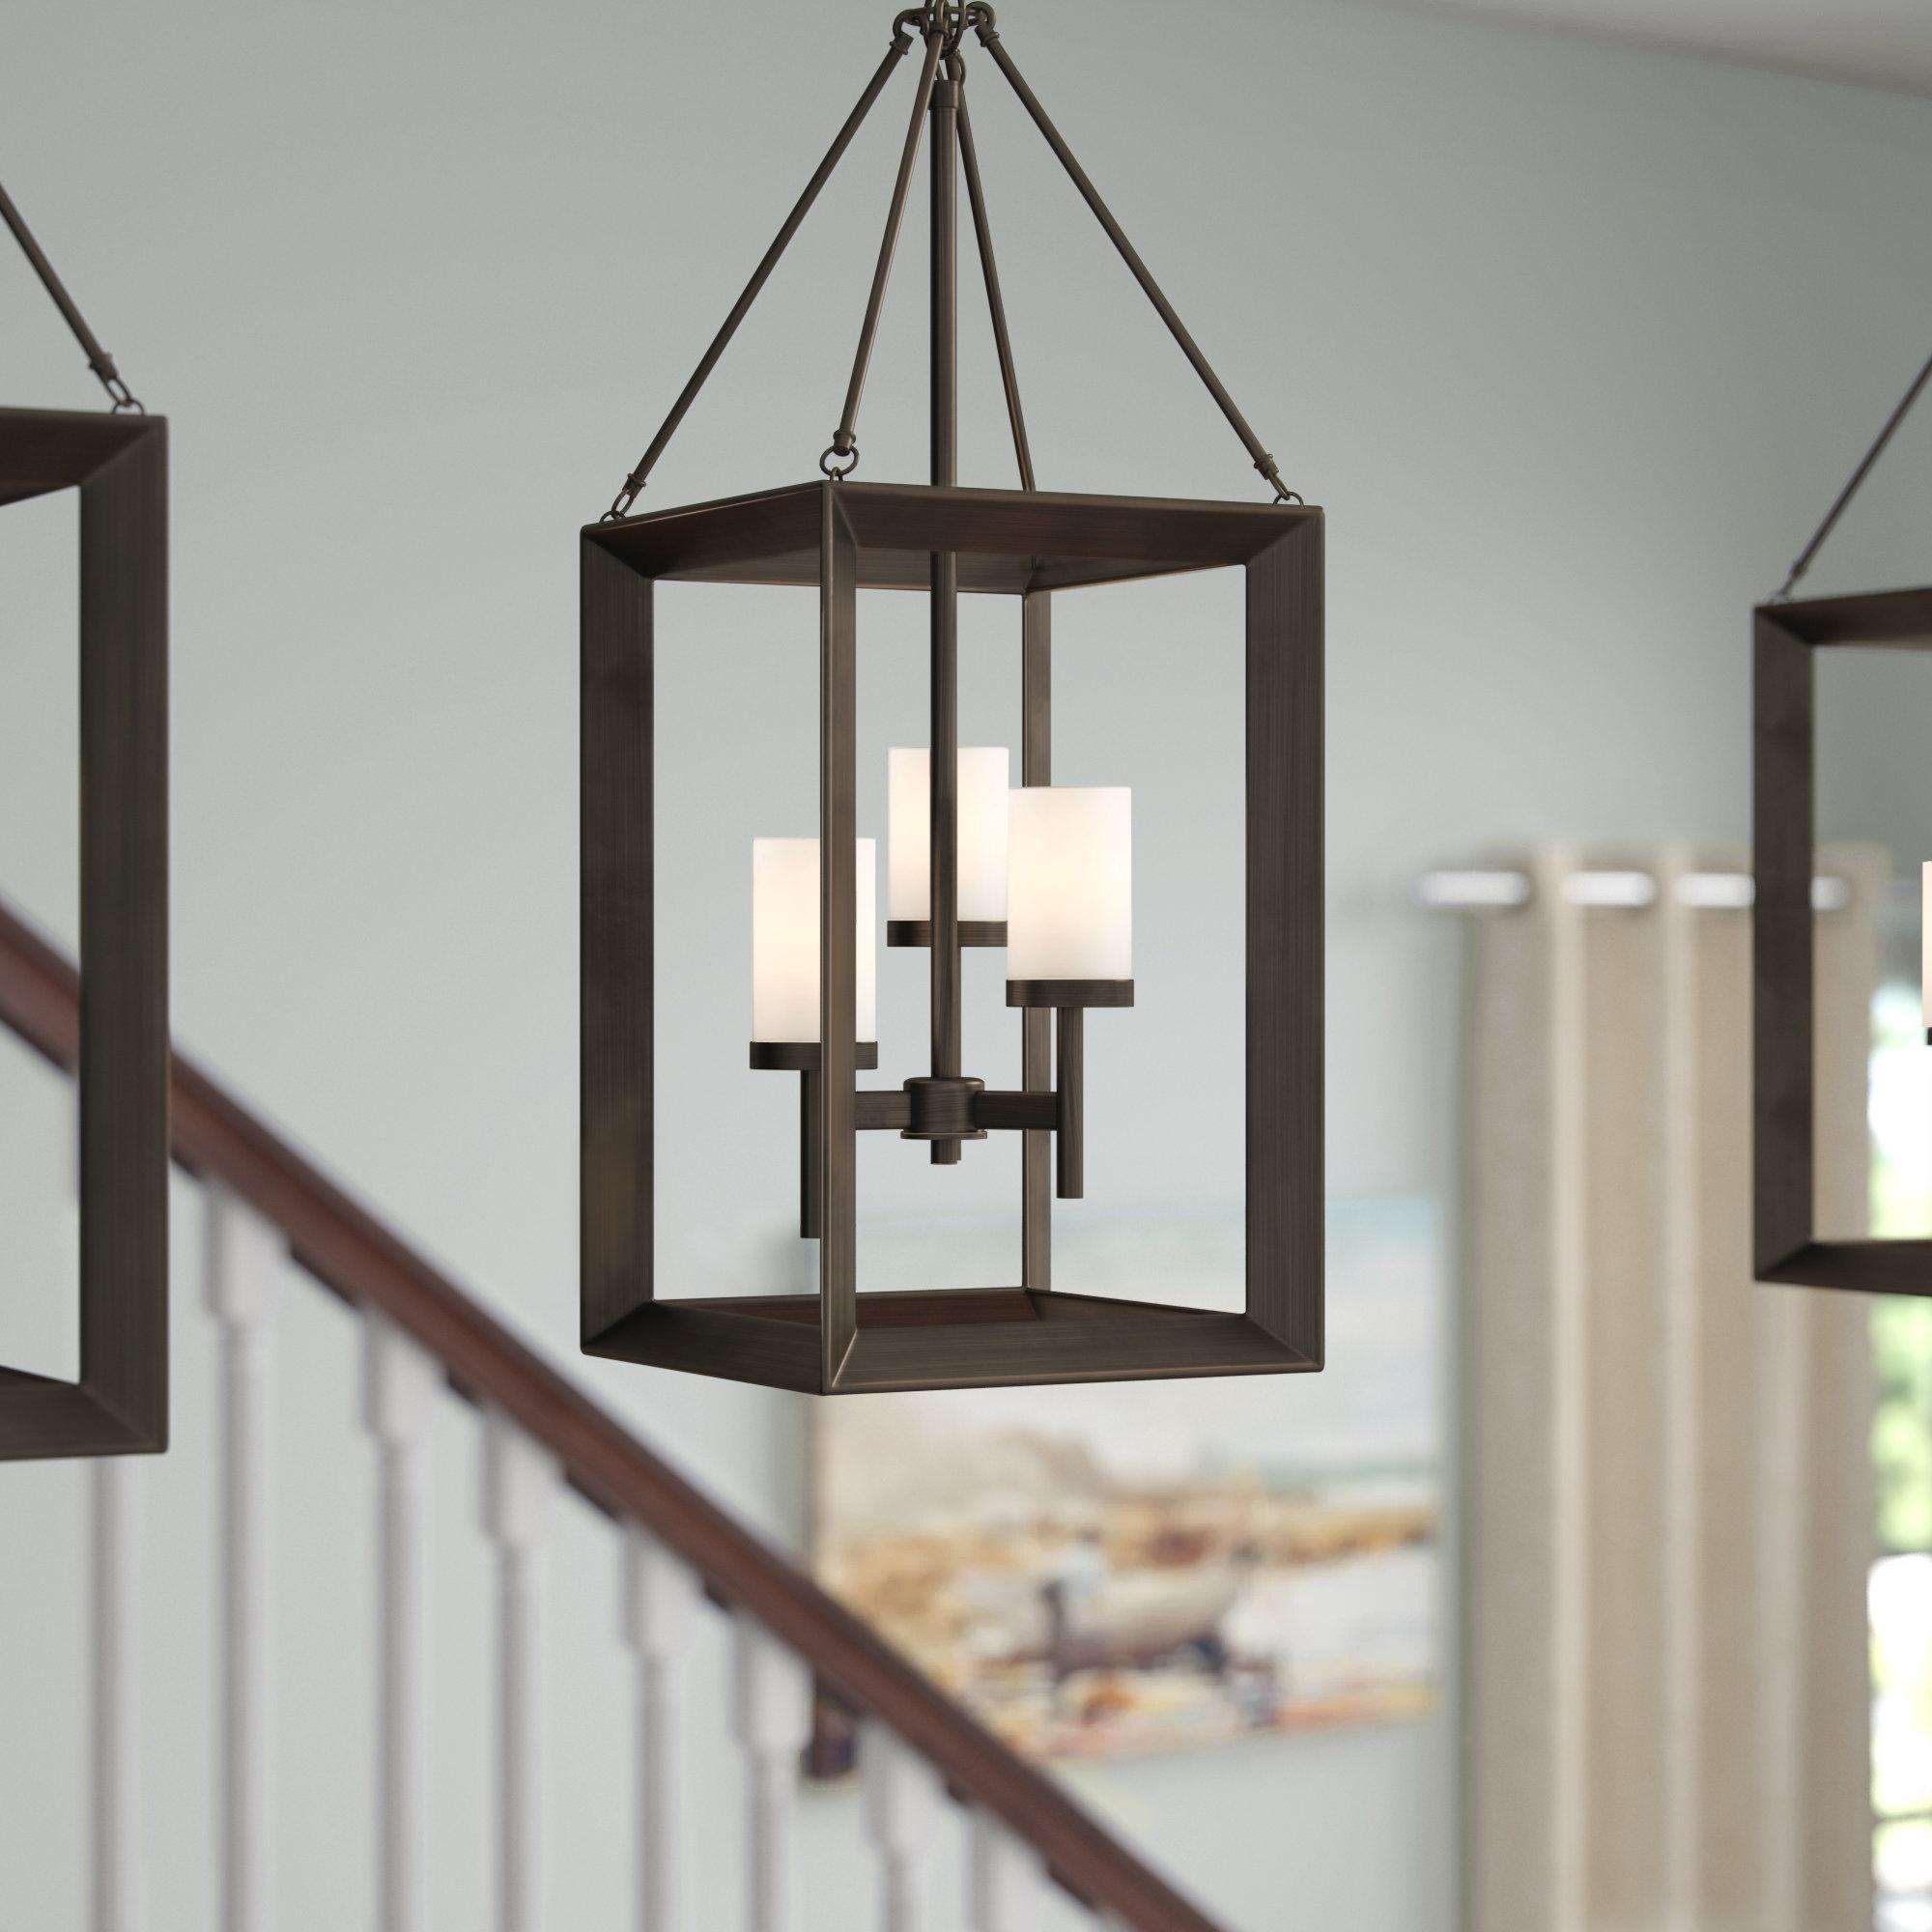 Thorne 4 Light Lantern Rectangle Pendants Inside Well Known Thorne 3 Light Lantern Square Pendant (View 9 of 20)